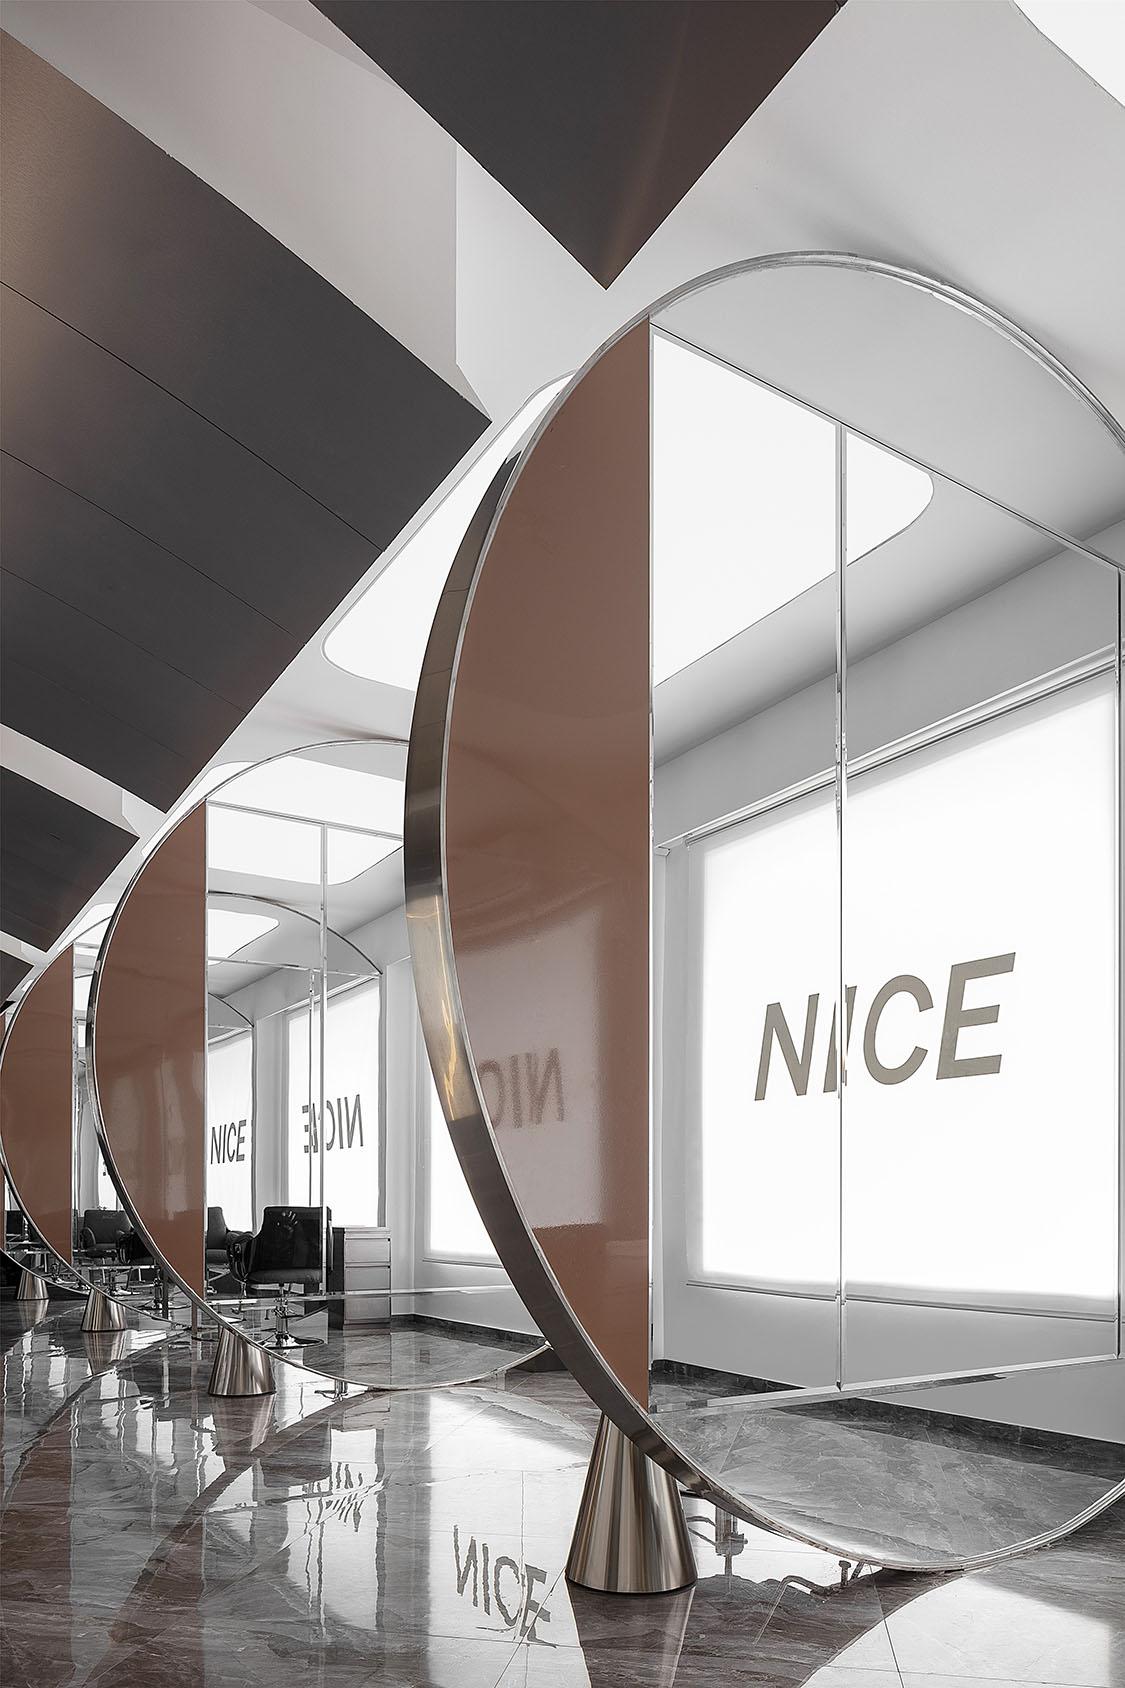 nice_hair8 [19659008] Double Good Design - это дизайнерская студия-бутик в Цзеян, основанная в 2016 году Линь Яном. Название студии происходит от идеи, что хороший дизайн + хорошая реализация = хорошие результаты. Ключевыми дизайнерами салона NICE были Линь Янь и Дан И. Туиджа Зайпелл </p> <p><img loading=